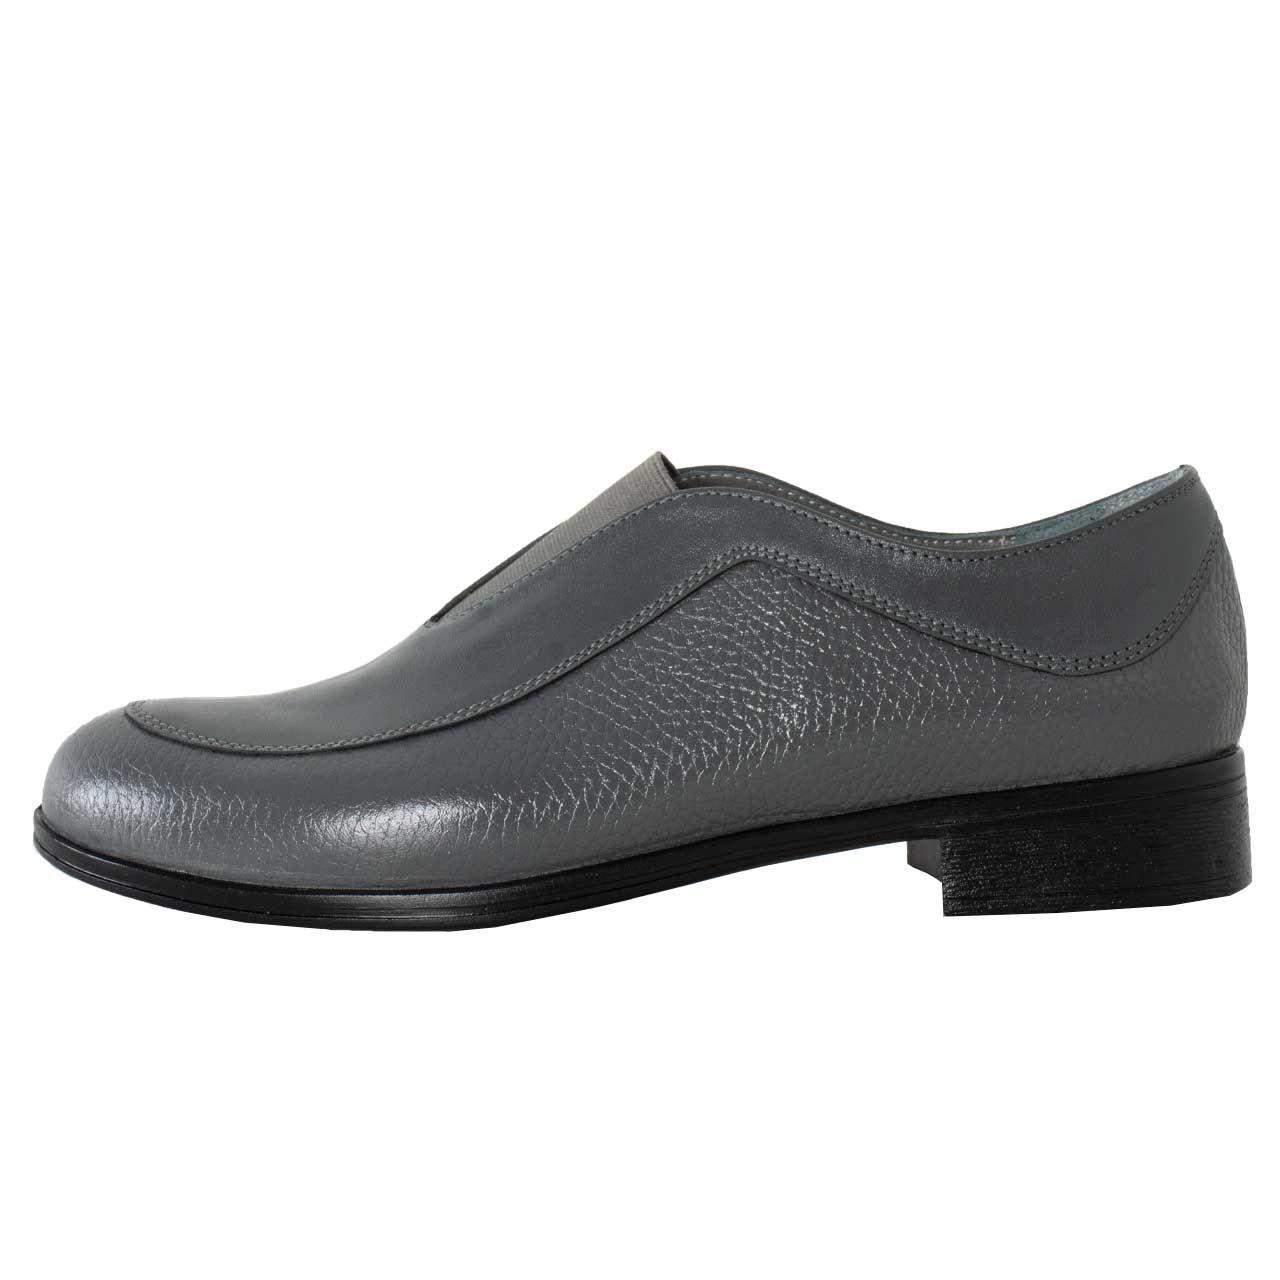 کفش زنانه پارینه چرم مدل show64-3